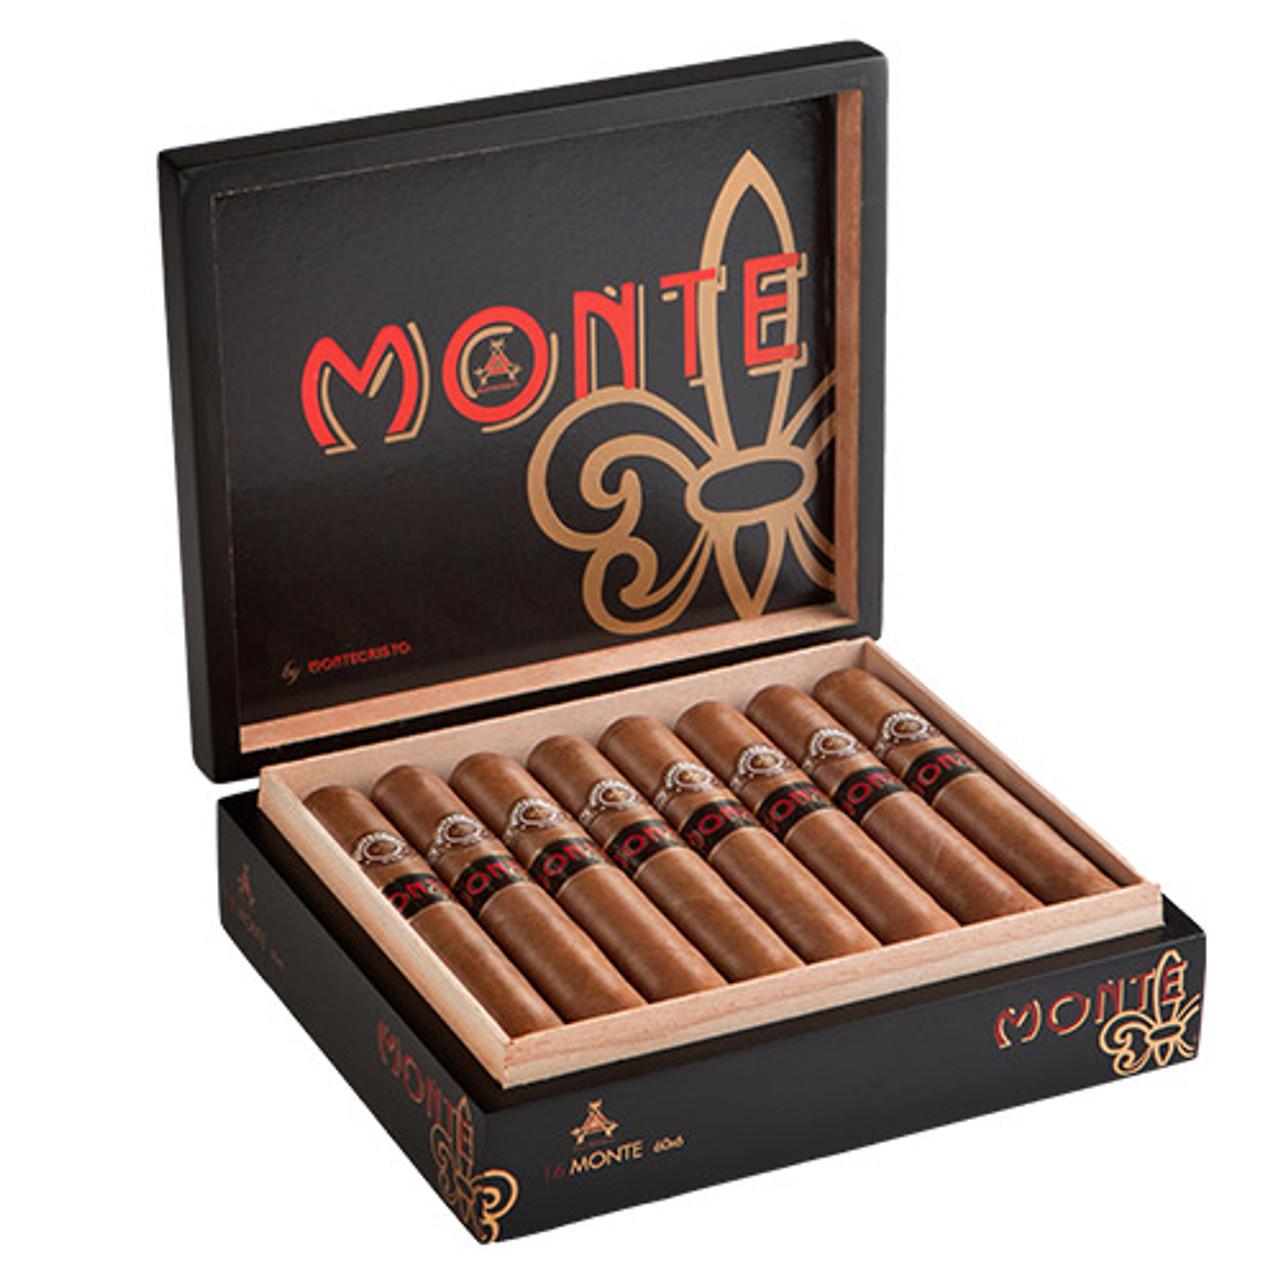 Monte by Montecristo Jacopo No. 2 Square Pressed Cigars - 6.12 x 54 (Box of 16)